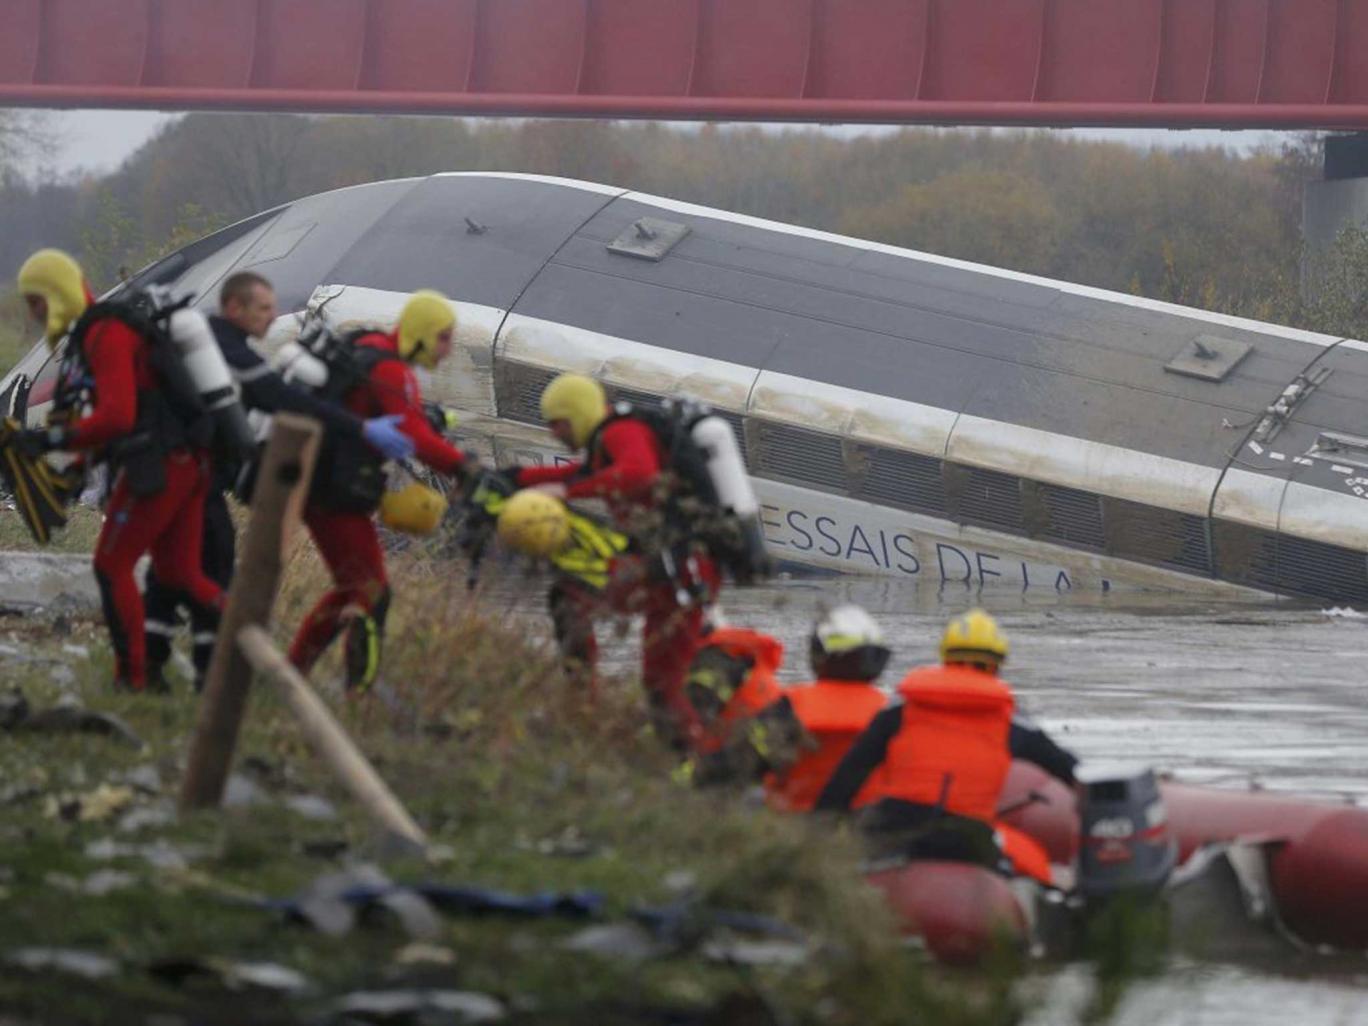 فاجعة جديدة بفرنسا .. قتلى وجرحى في خروج قطار عن سكته